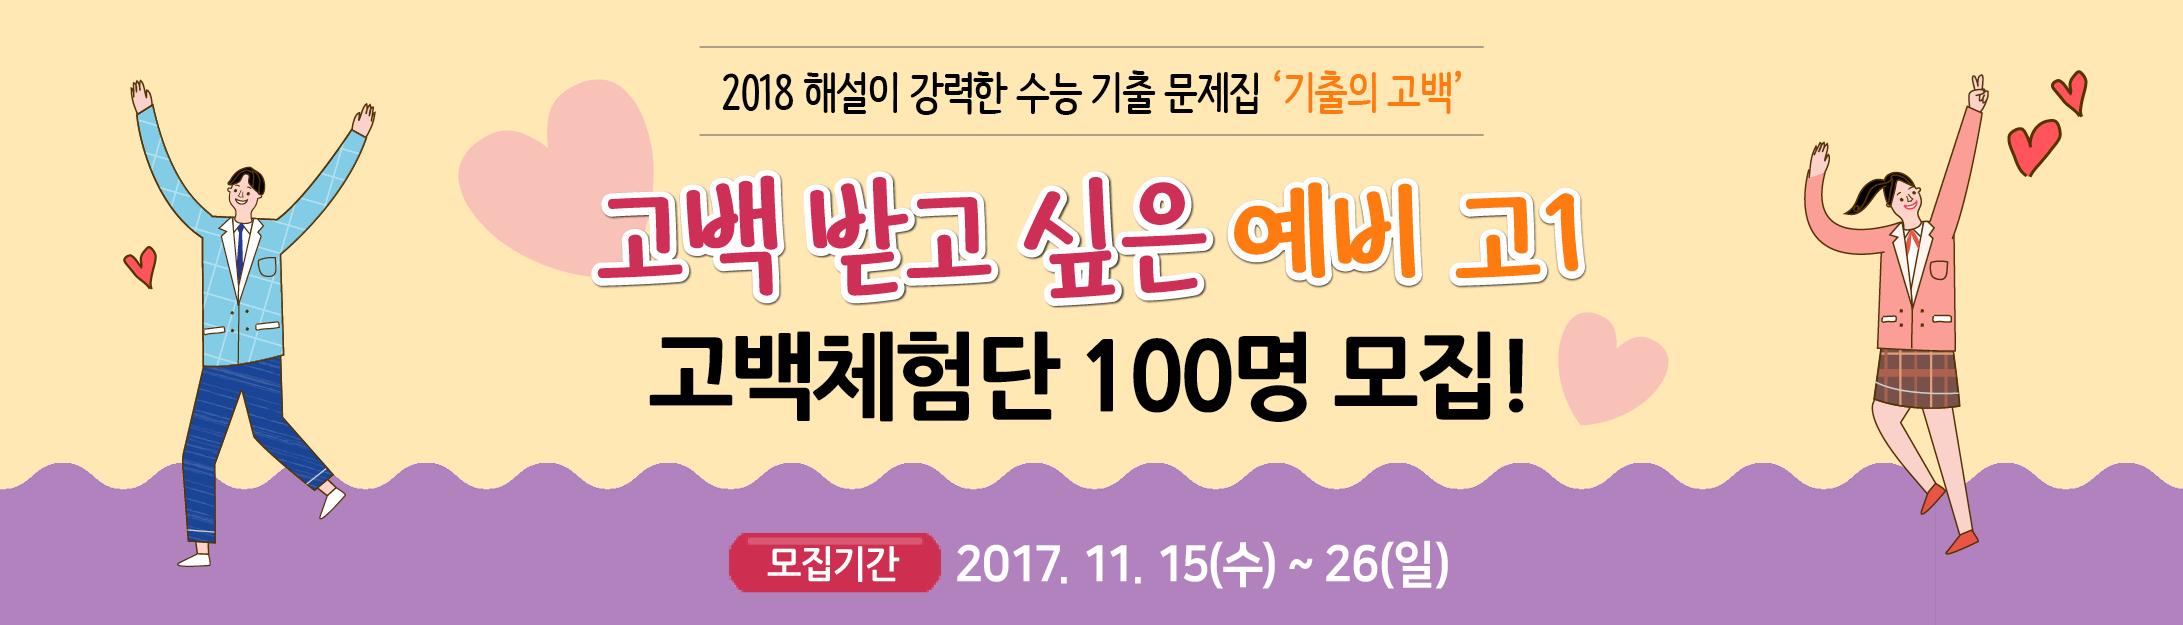 해설이 강력한 수능기출문제집 '기출의고백', 고백체험단 100명 모집!